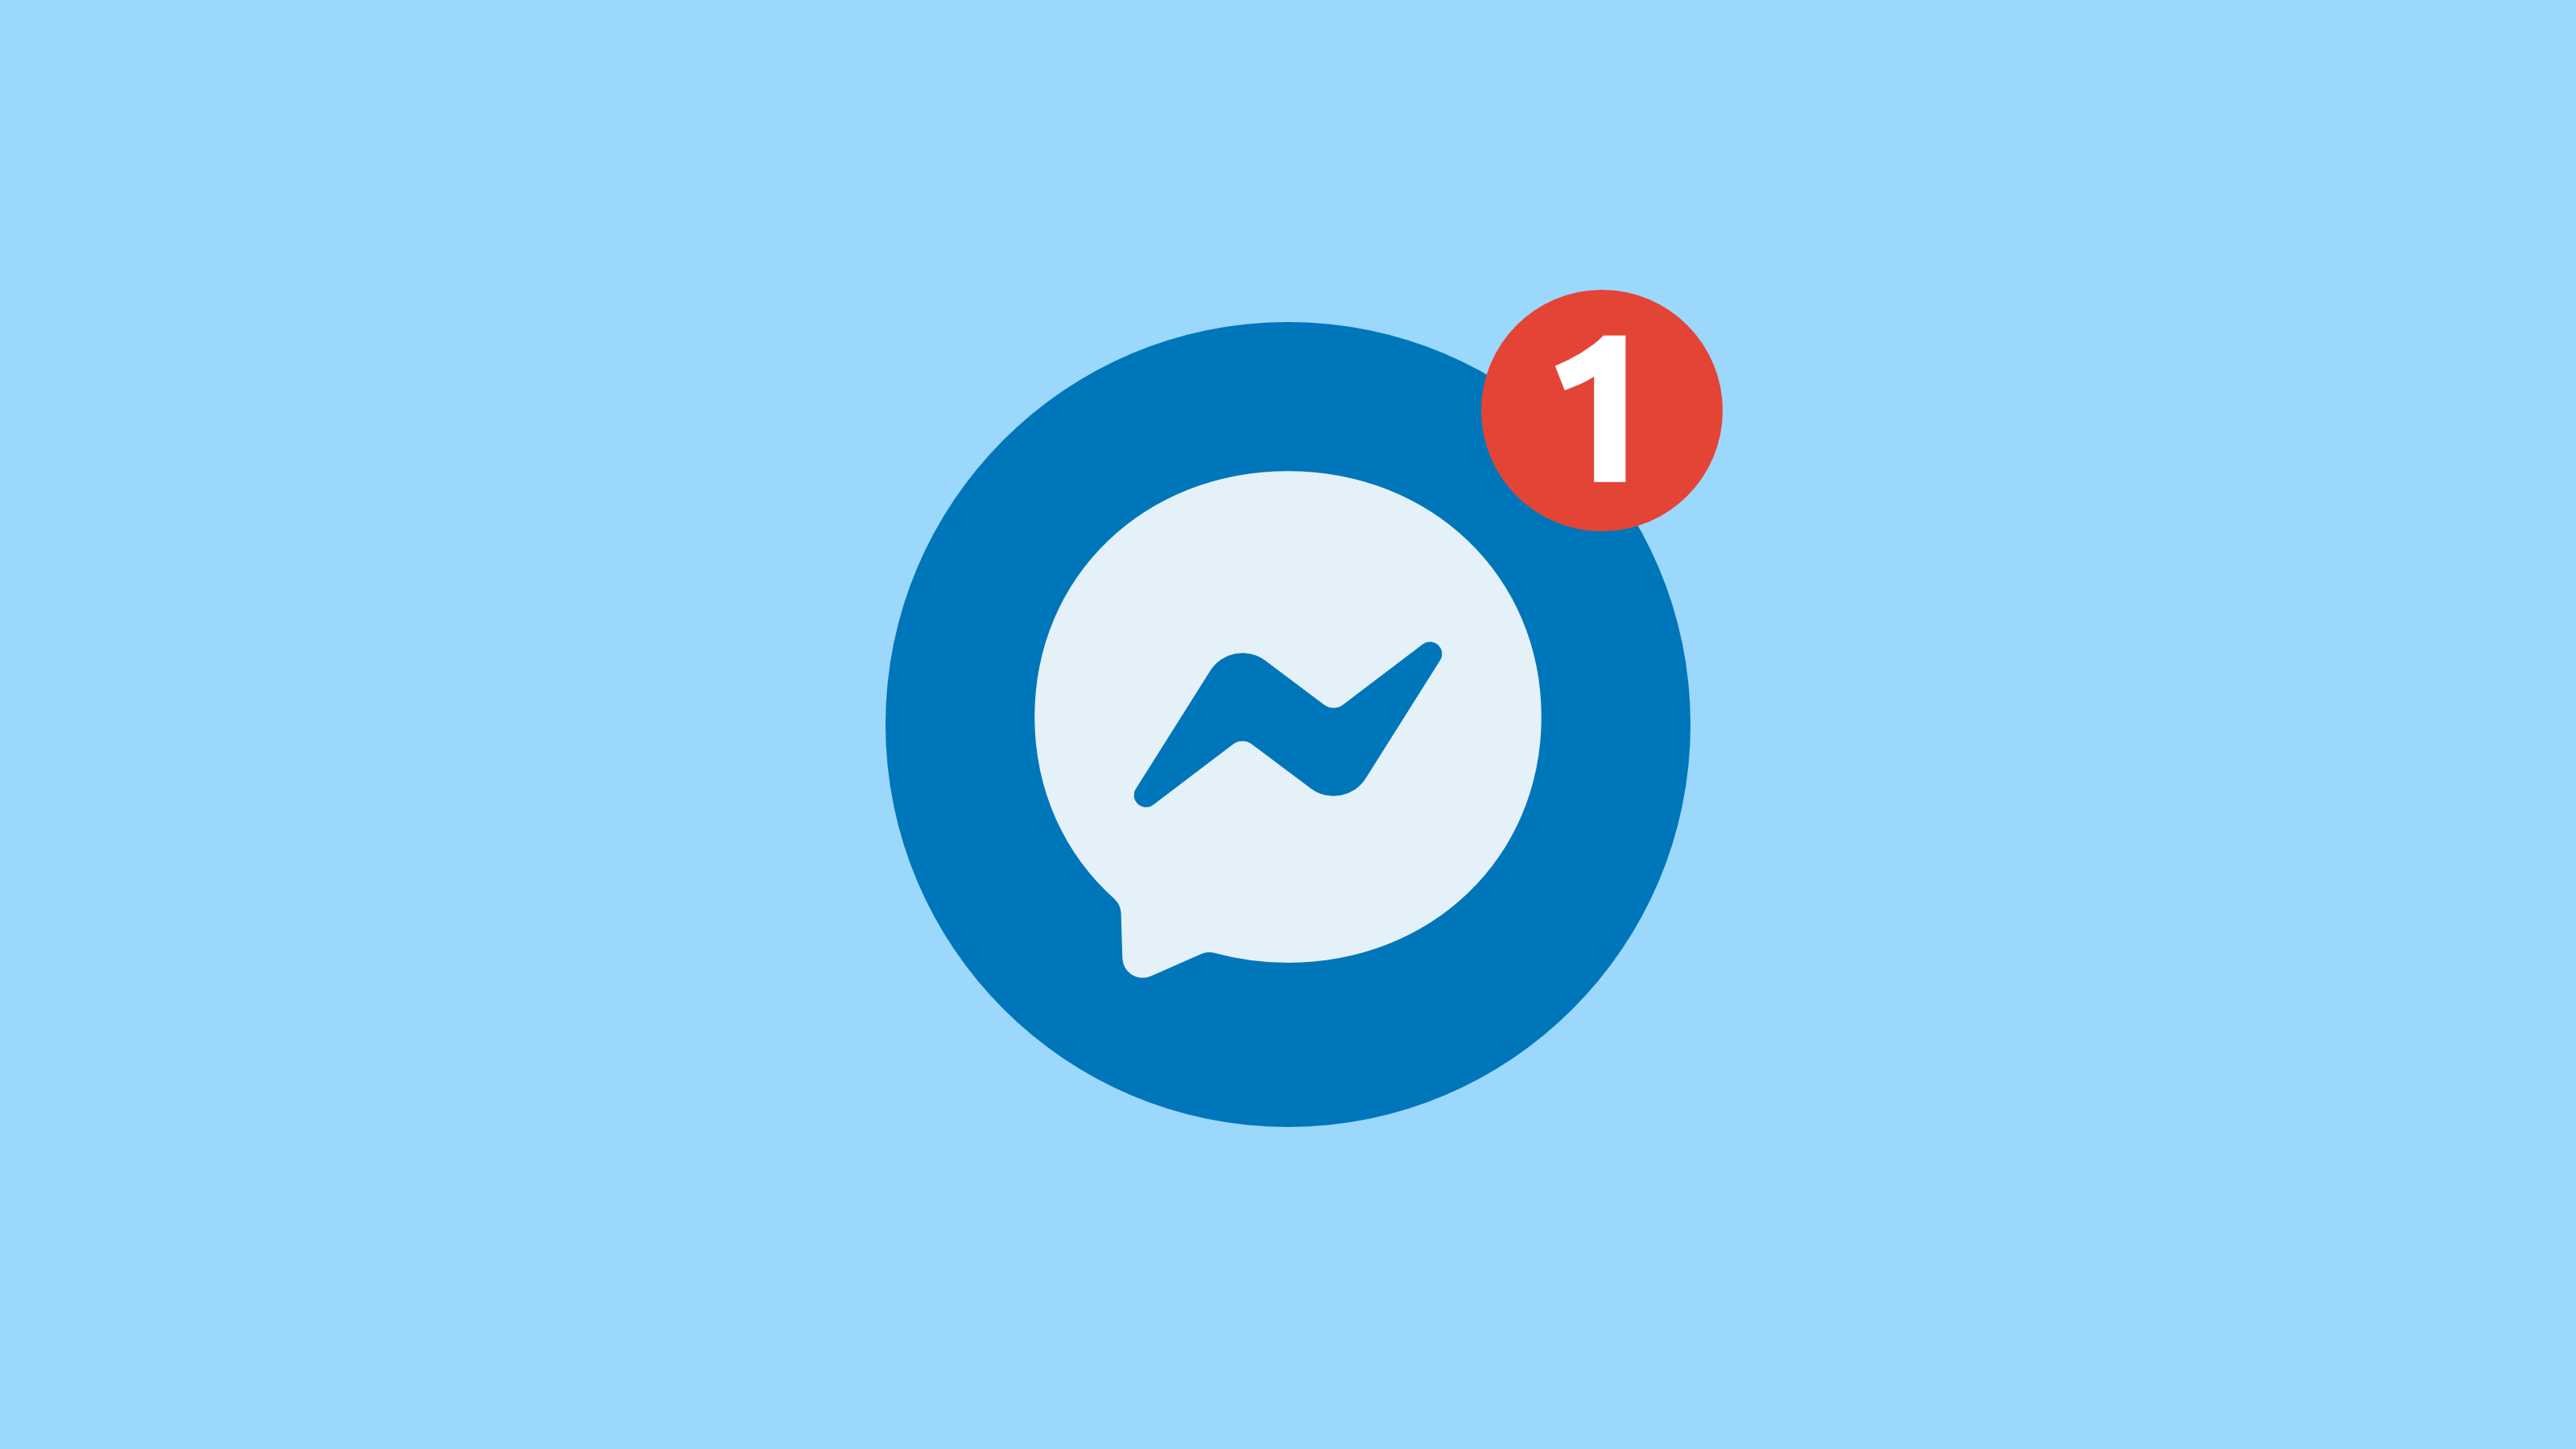 Користуватися Messenger без профілю у Facebook стане неможливо